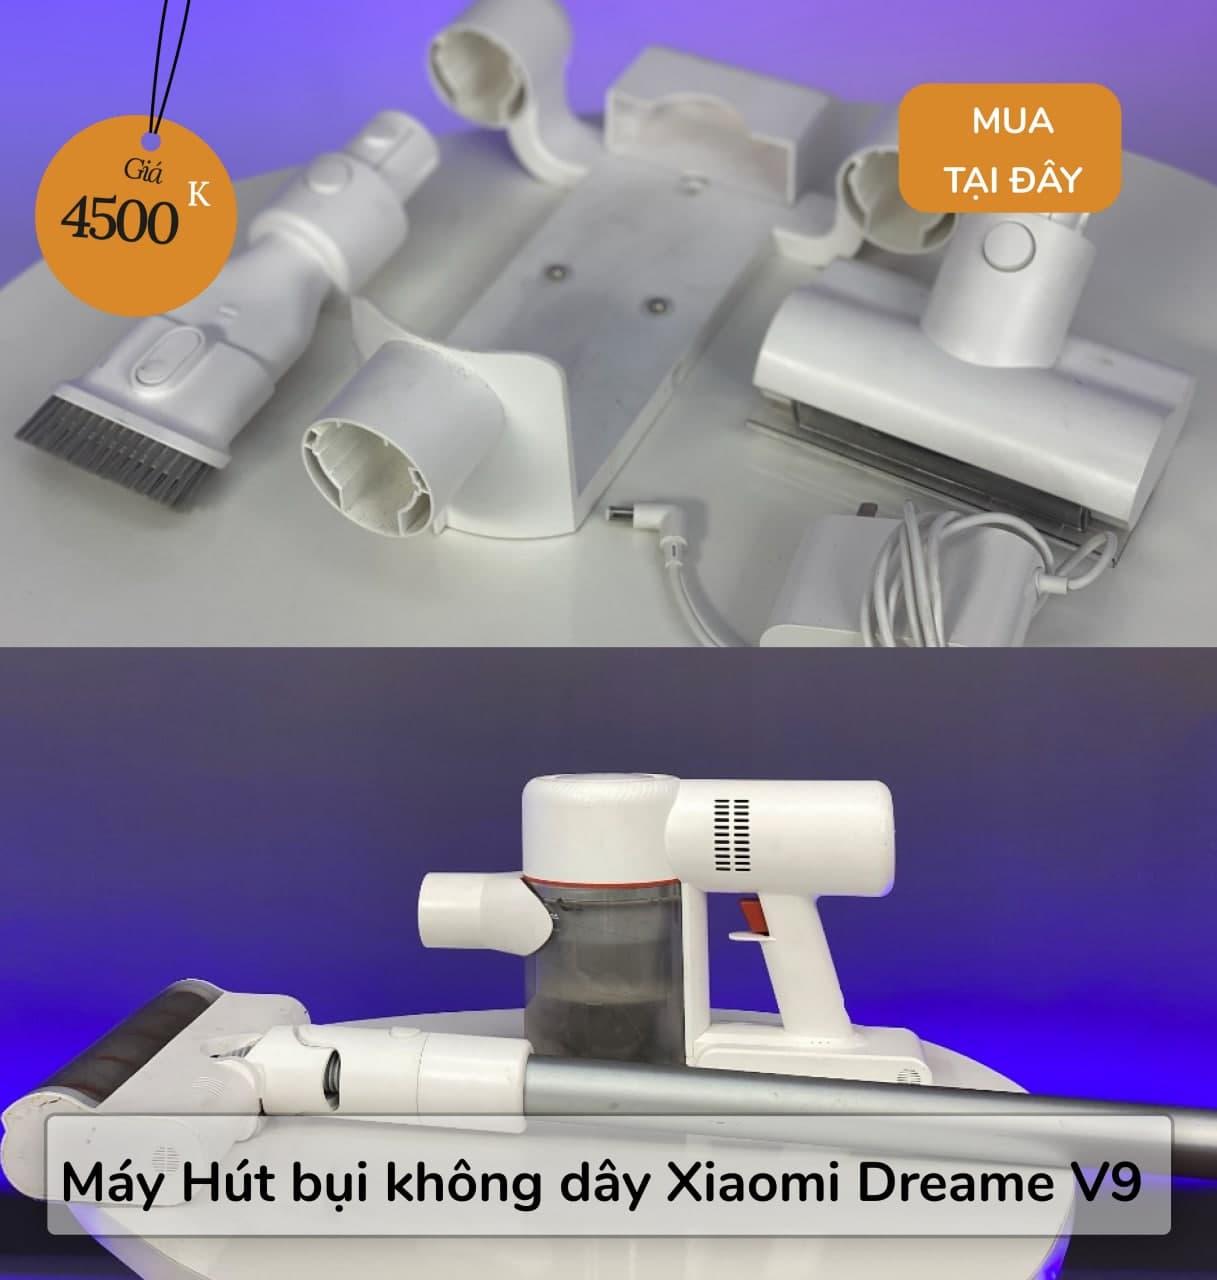 Chuyển trọ ra ở riêng, cô gái Hà Nội thích đồ tối giản đã sắm ngay 5 món gia dụng này của Xiaomi  - Ảnh 6.